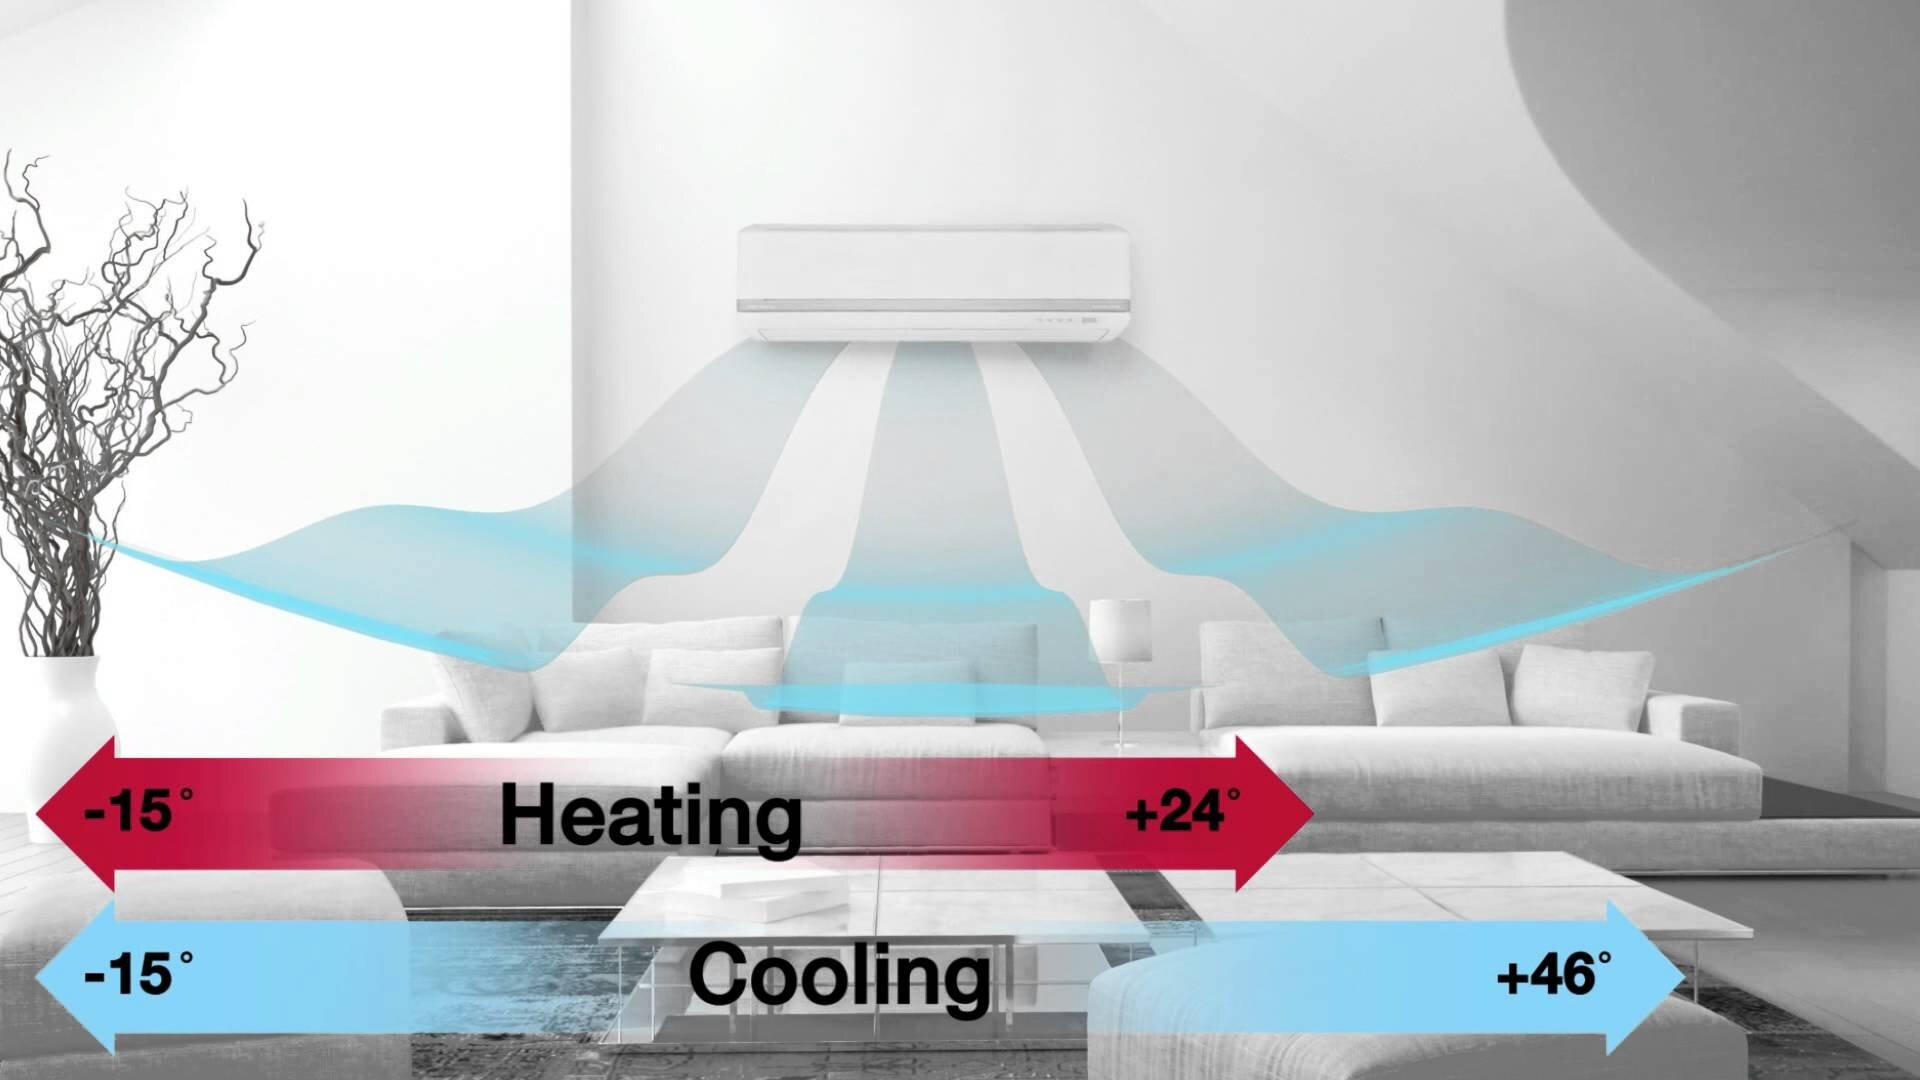 Máy lạnh Mitsubishi Heavy cho luồng khí lạnh phân bổ đều trong phòng hơn